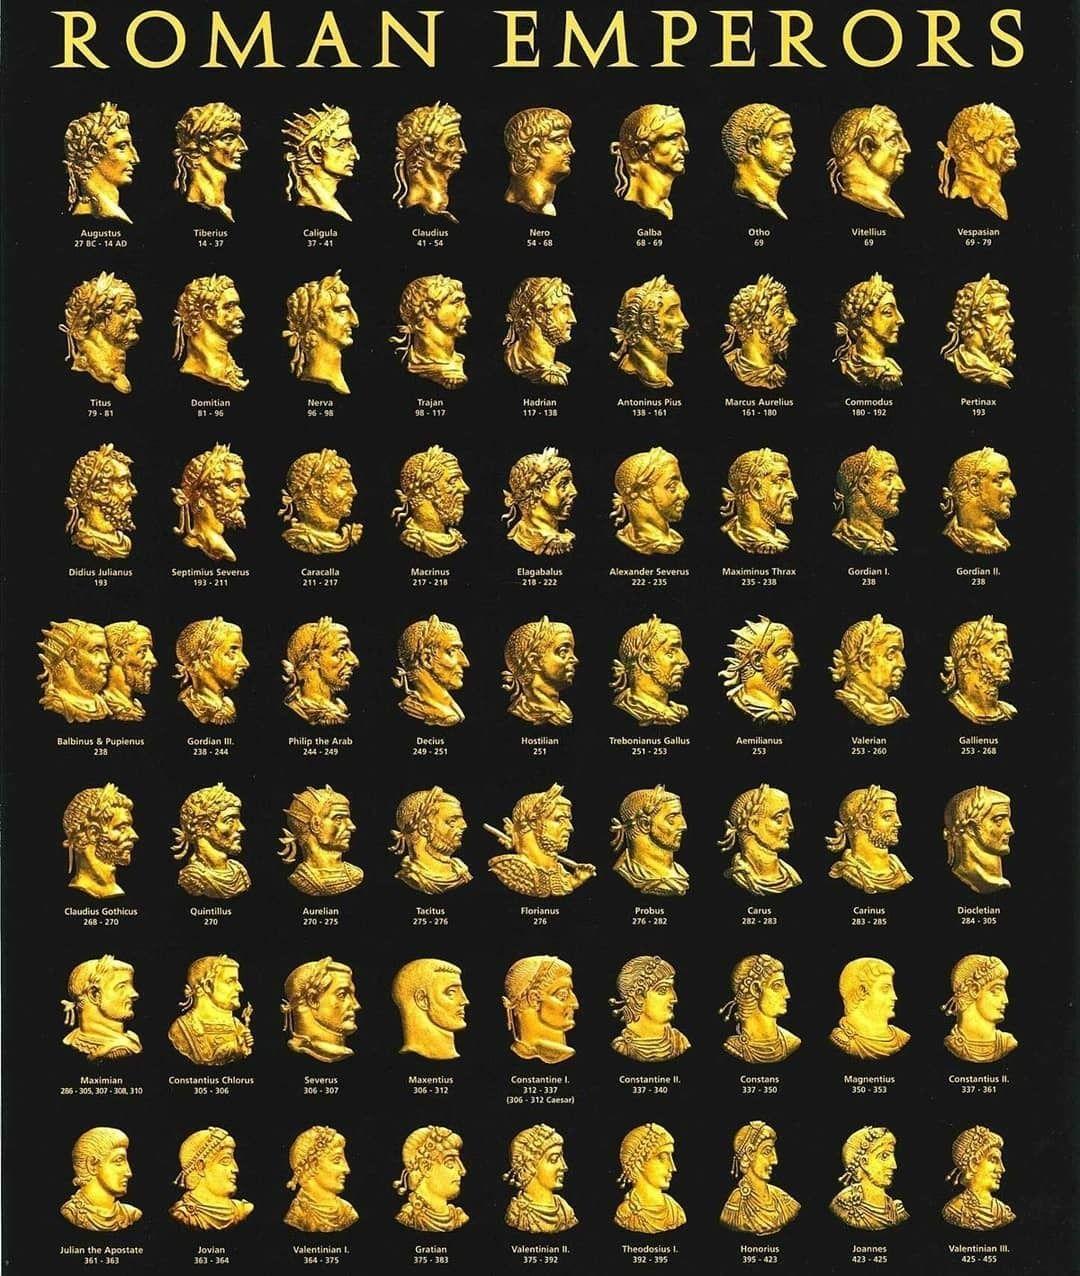 Справочник правителей Римской Империи